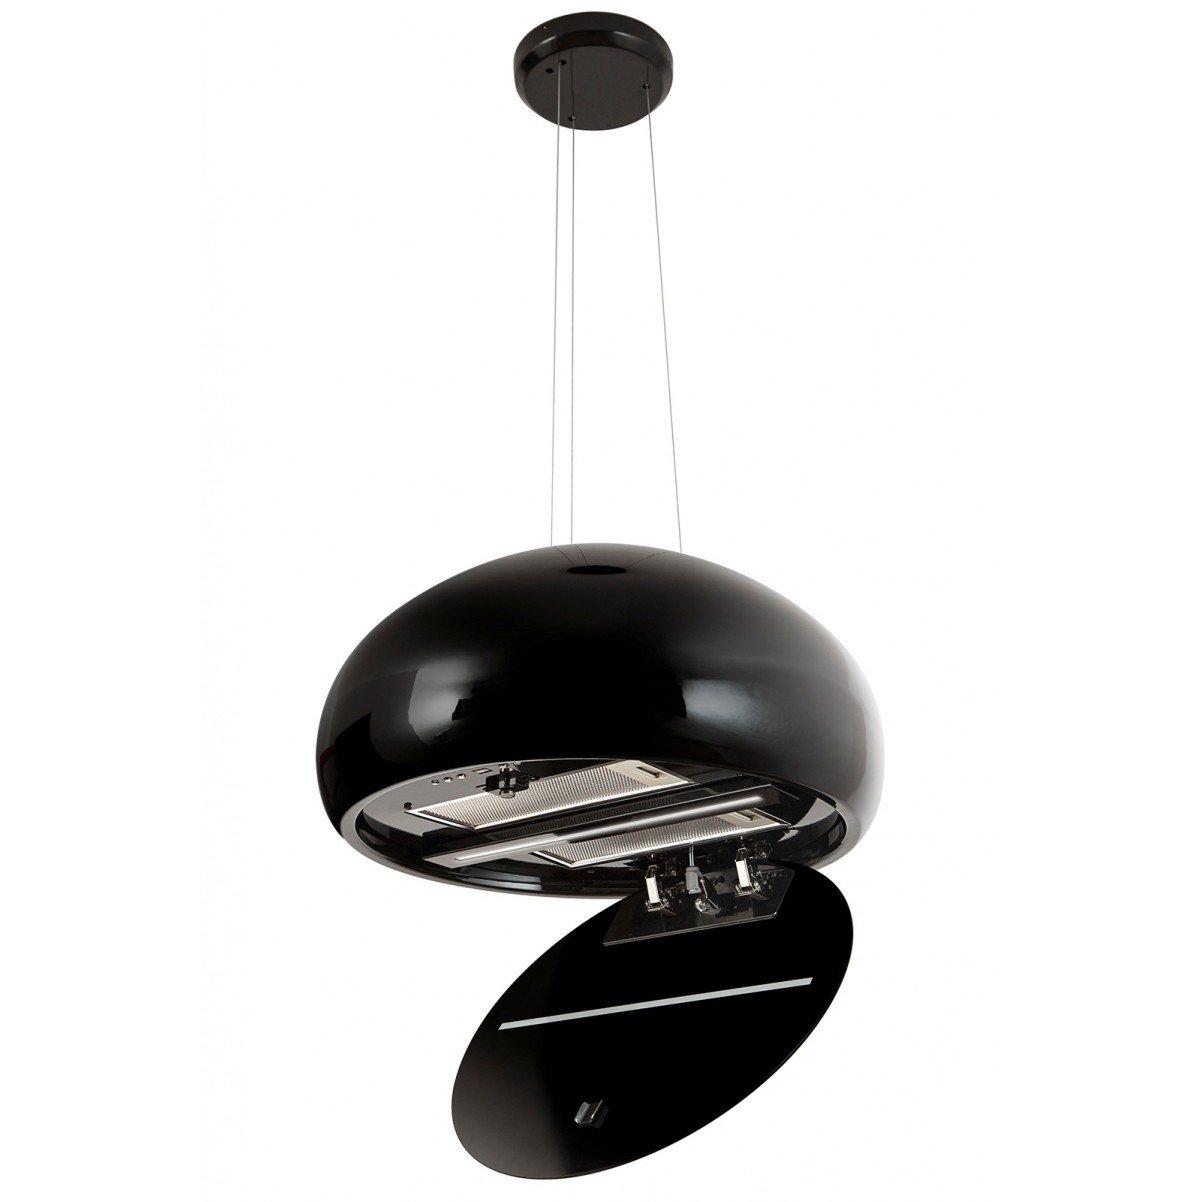 Exklusiv keramisk vajerhängd köksfläkt Impresario svart